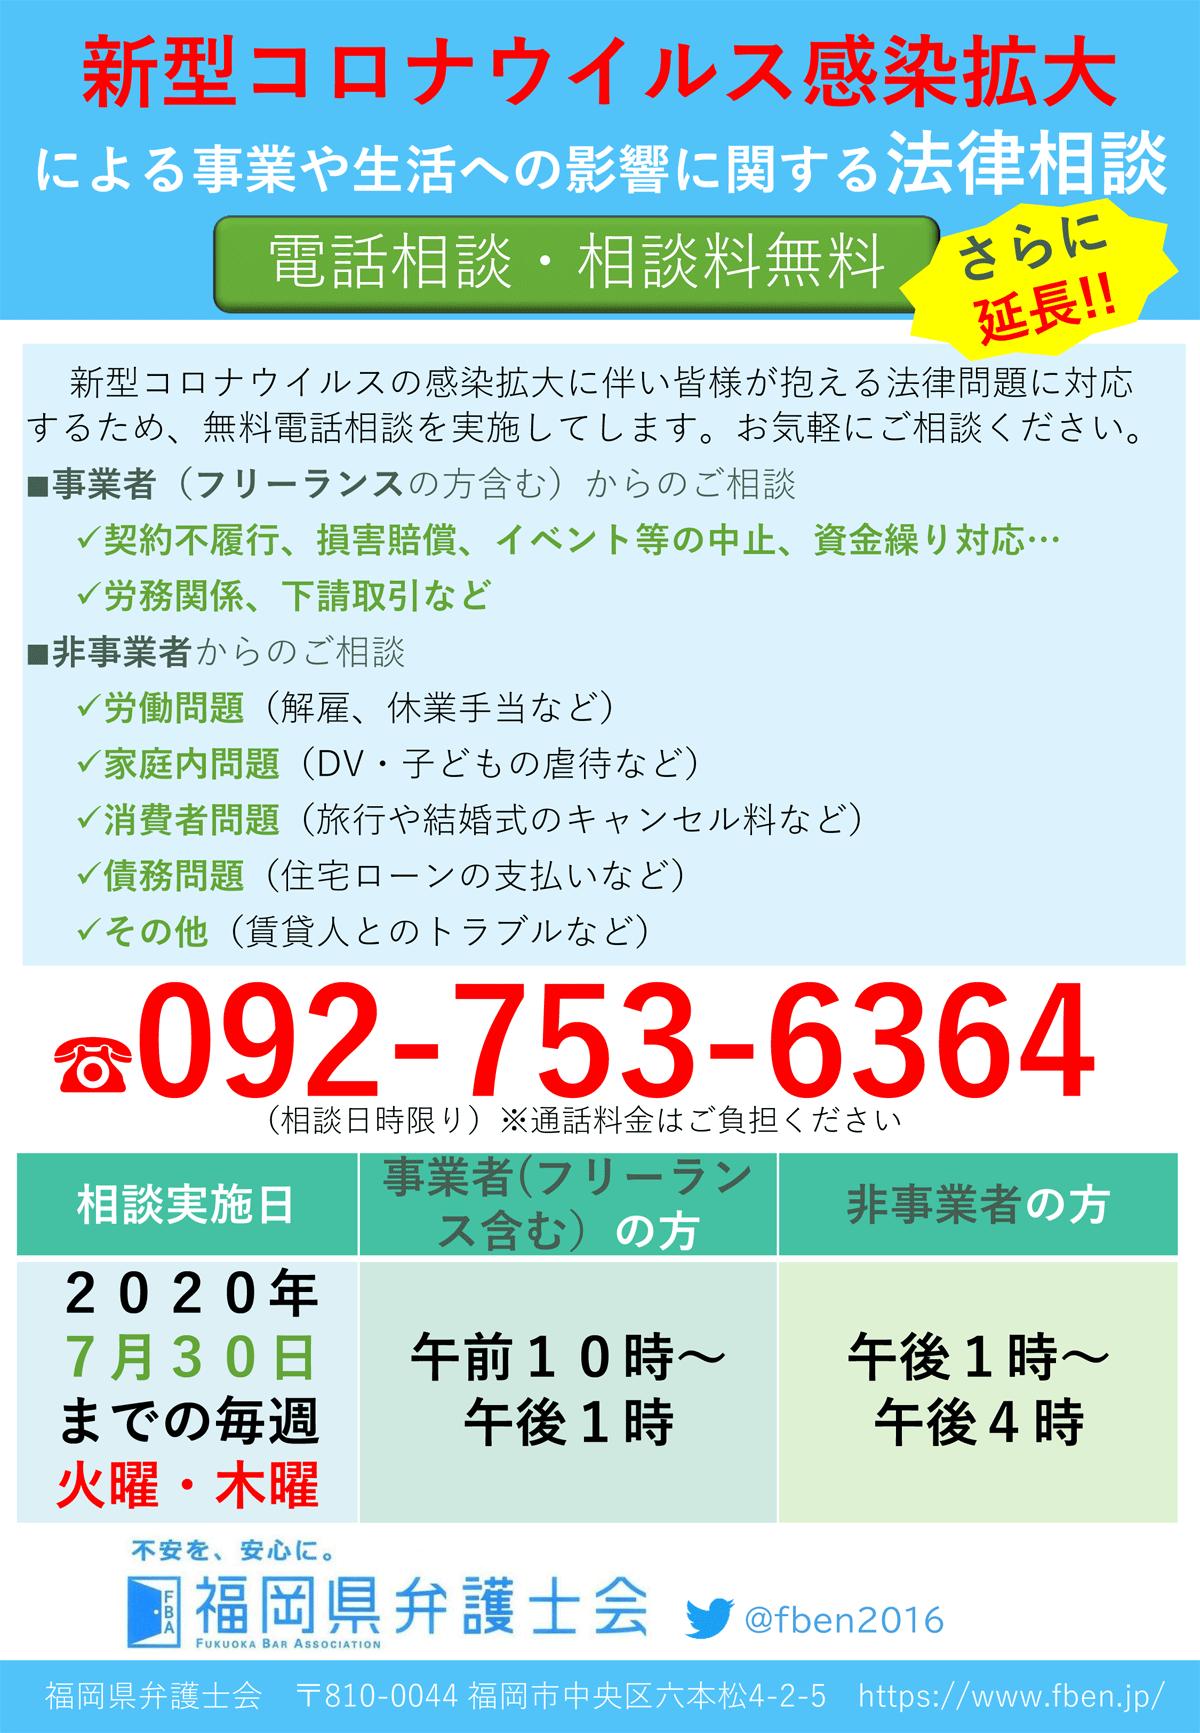 コロナ 最新 県 福岡 ウイルス